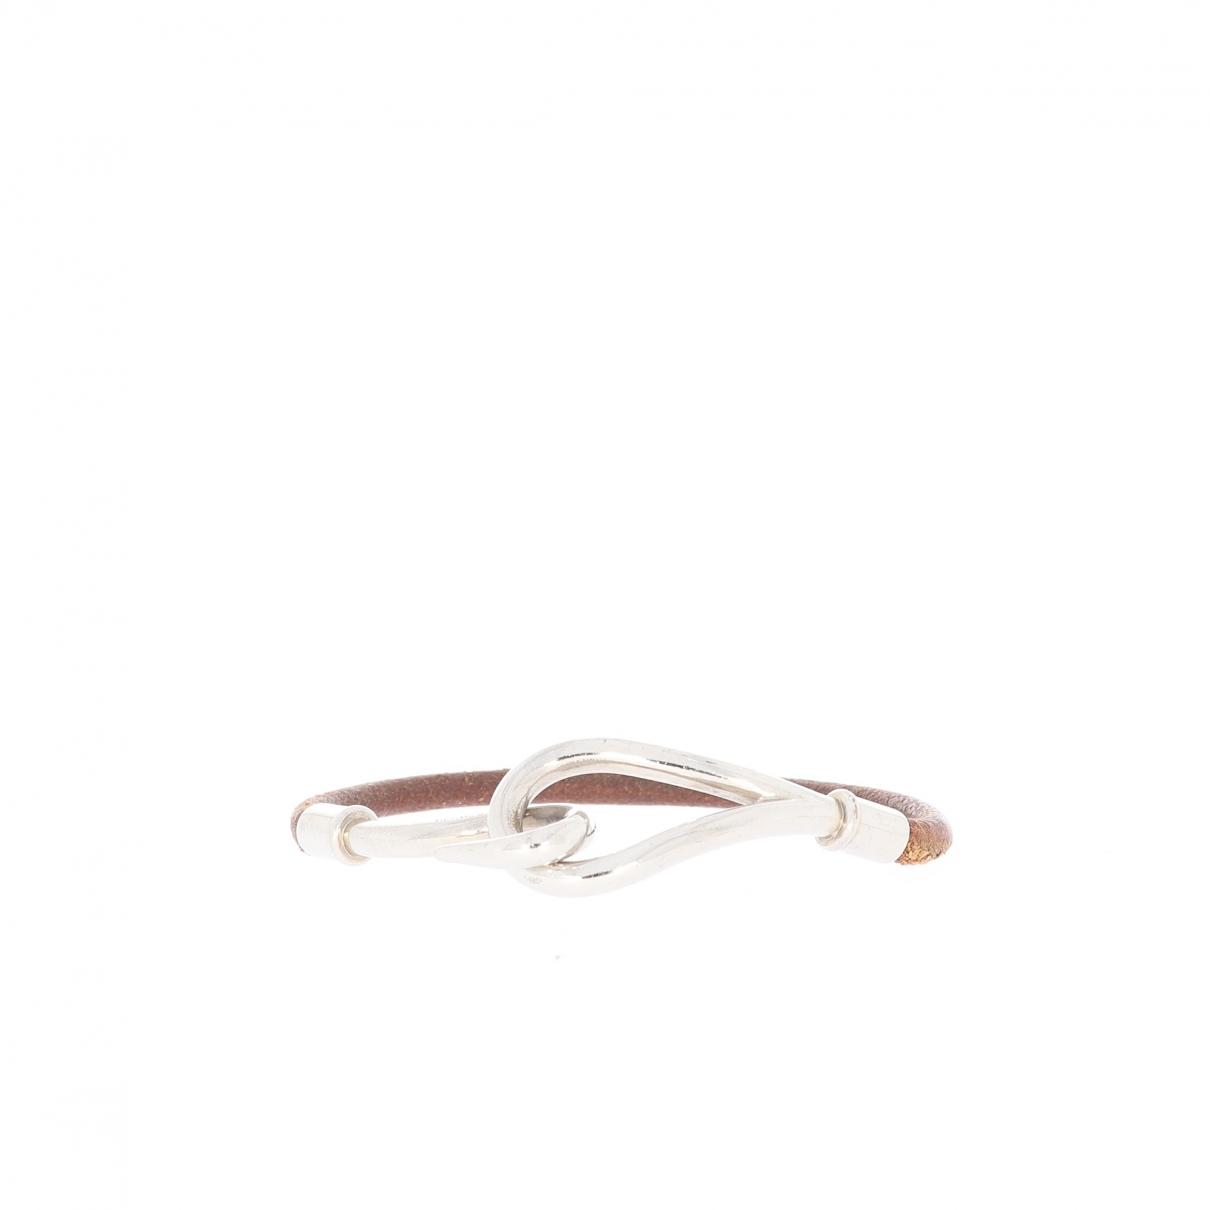 Hermes \N Armband in  Braun Leder